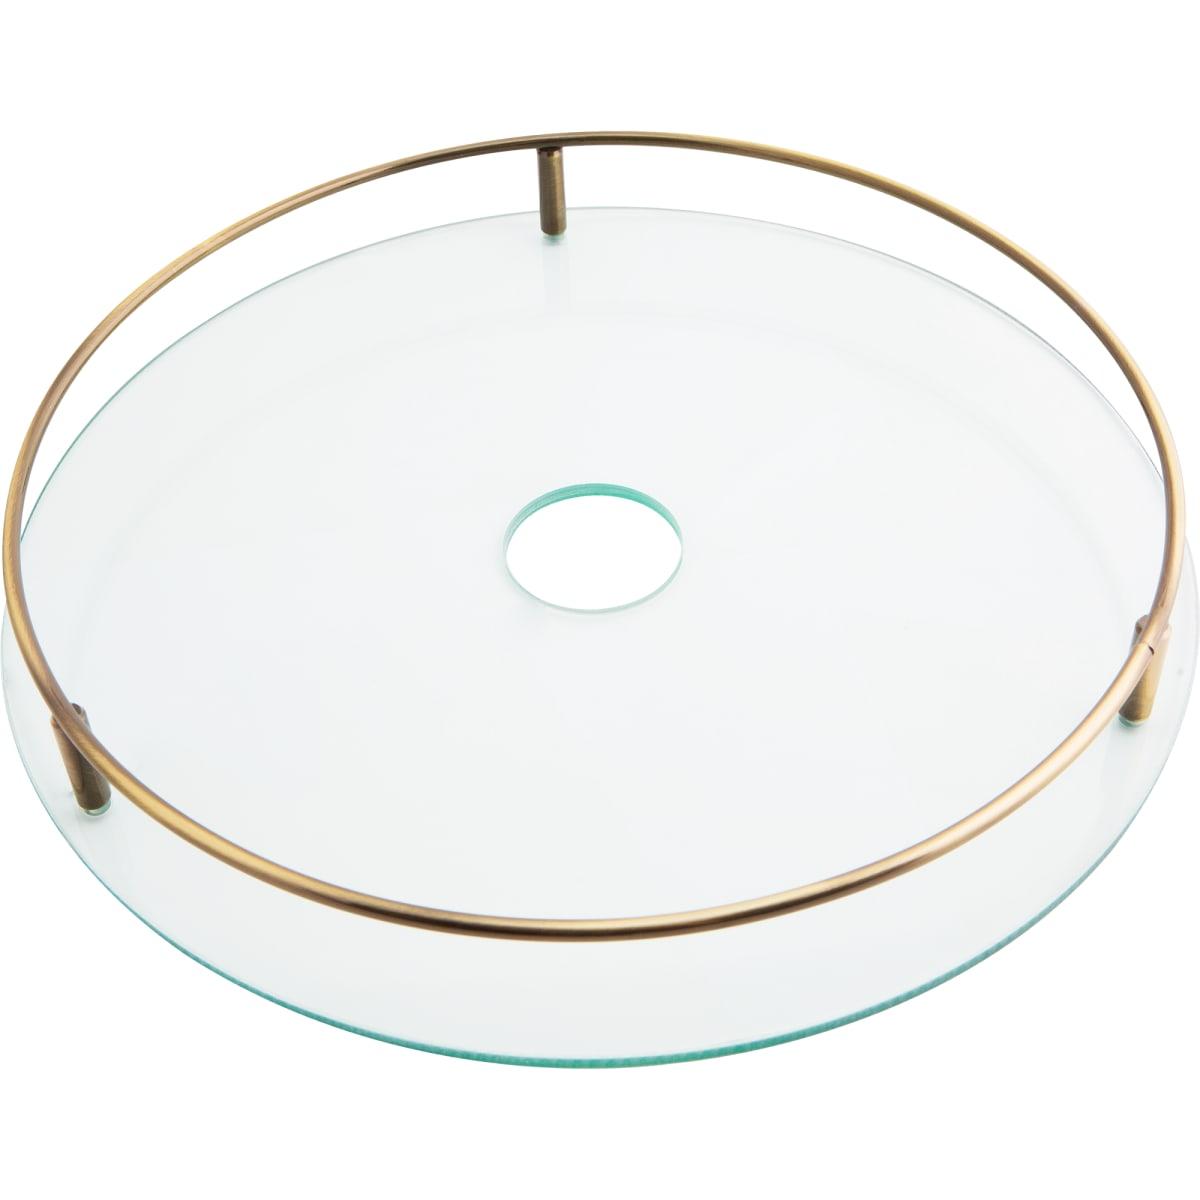 Полка стеклянная 35 см, бронза